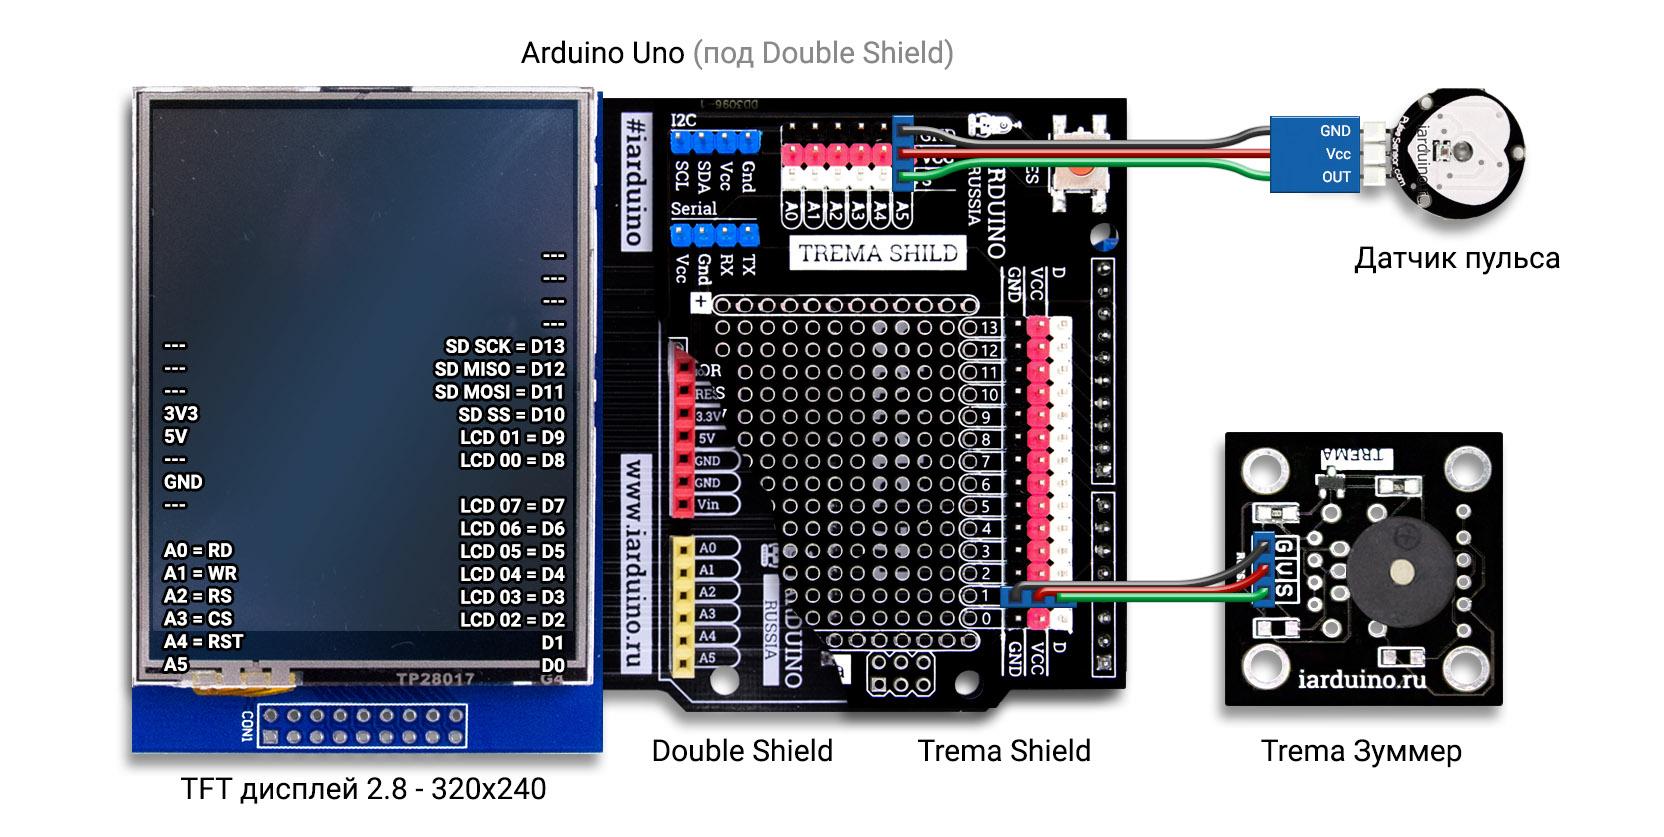 Схема подключения пульсометра к Arduino Uno